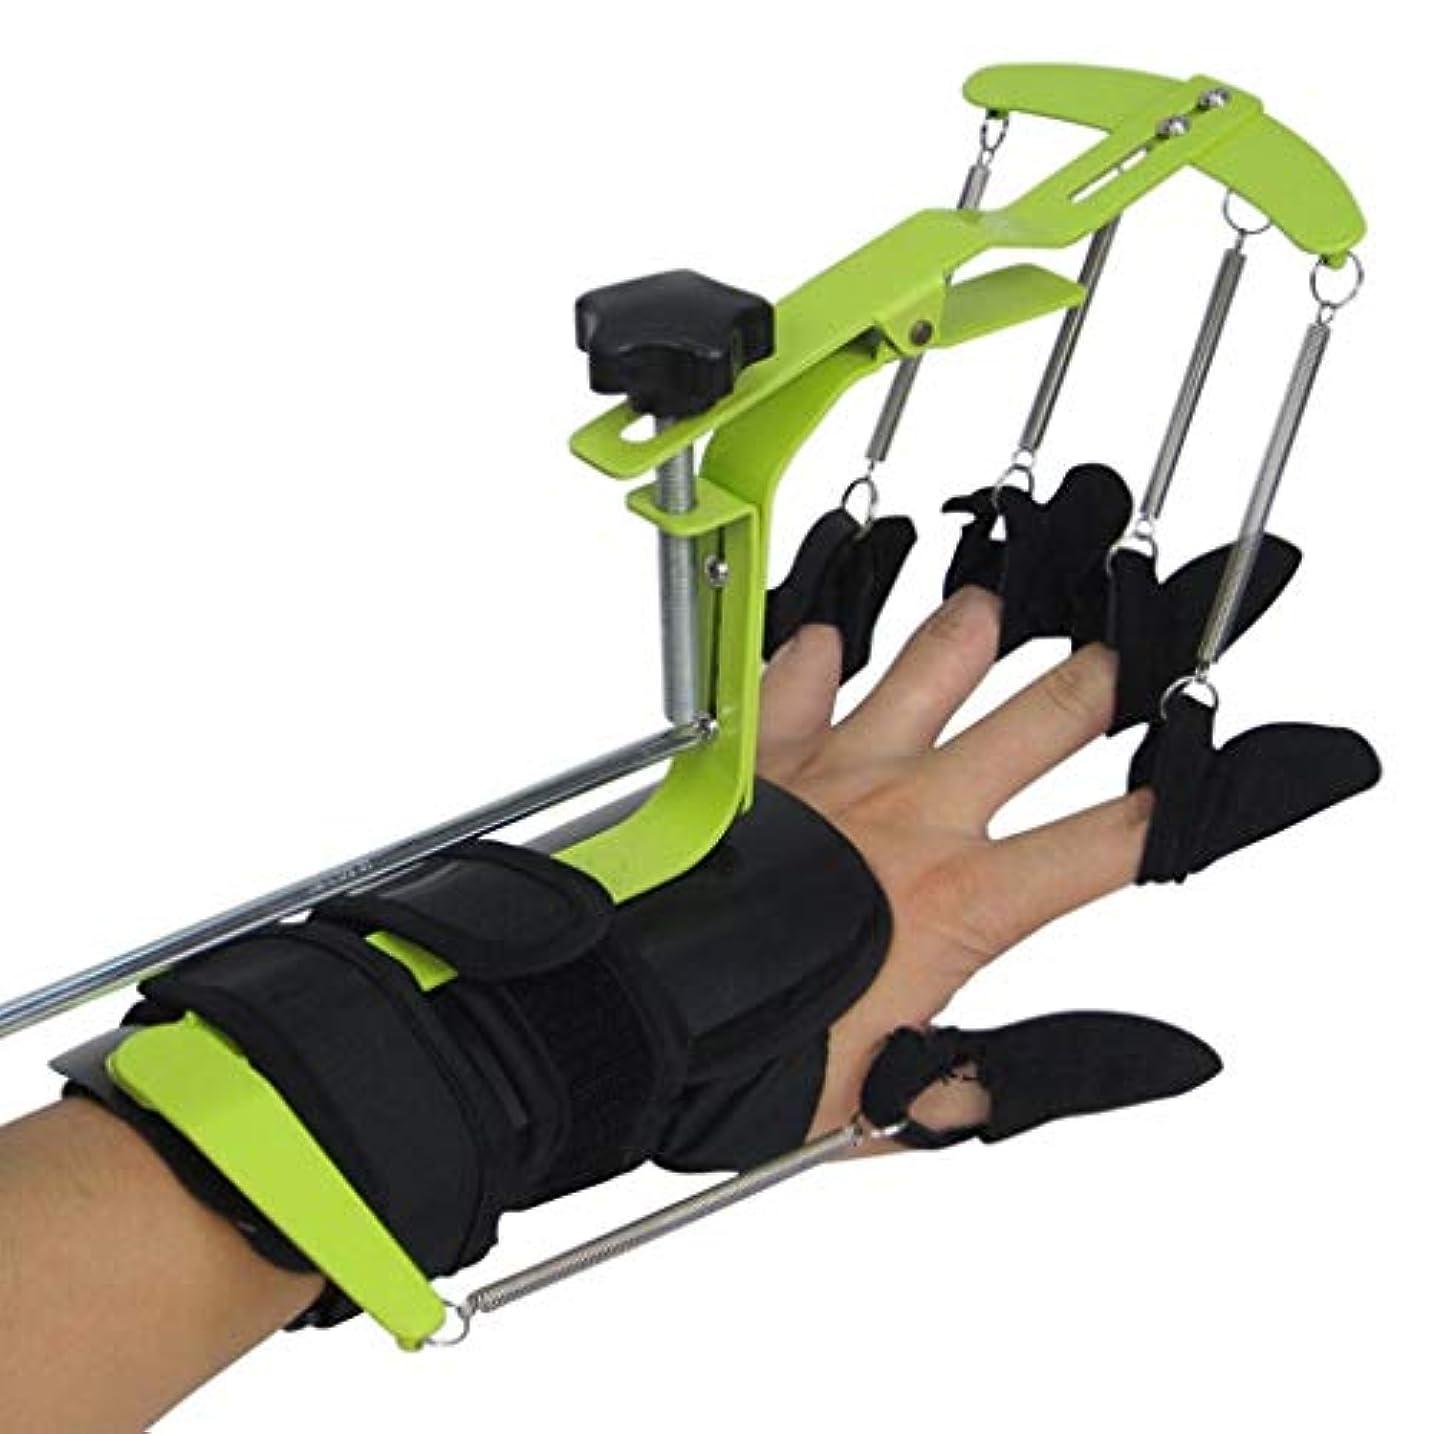 社員遠近法ラベ調整可能 フィンガー装具 フィンガートレーニング機器 エクサ?クリップ?ボード 片麻痺の脳性麻痺リハビリテーション